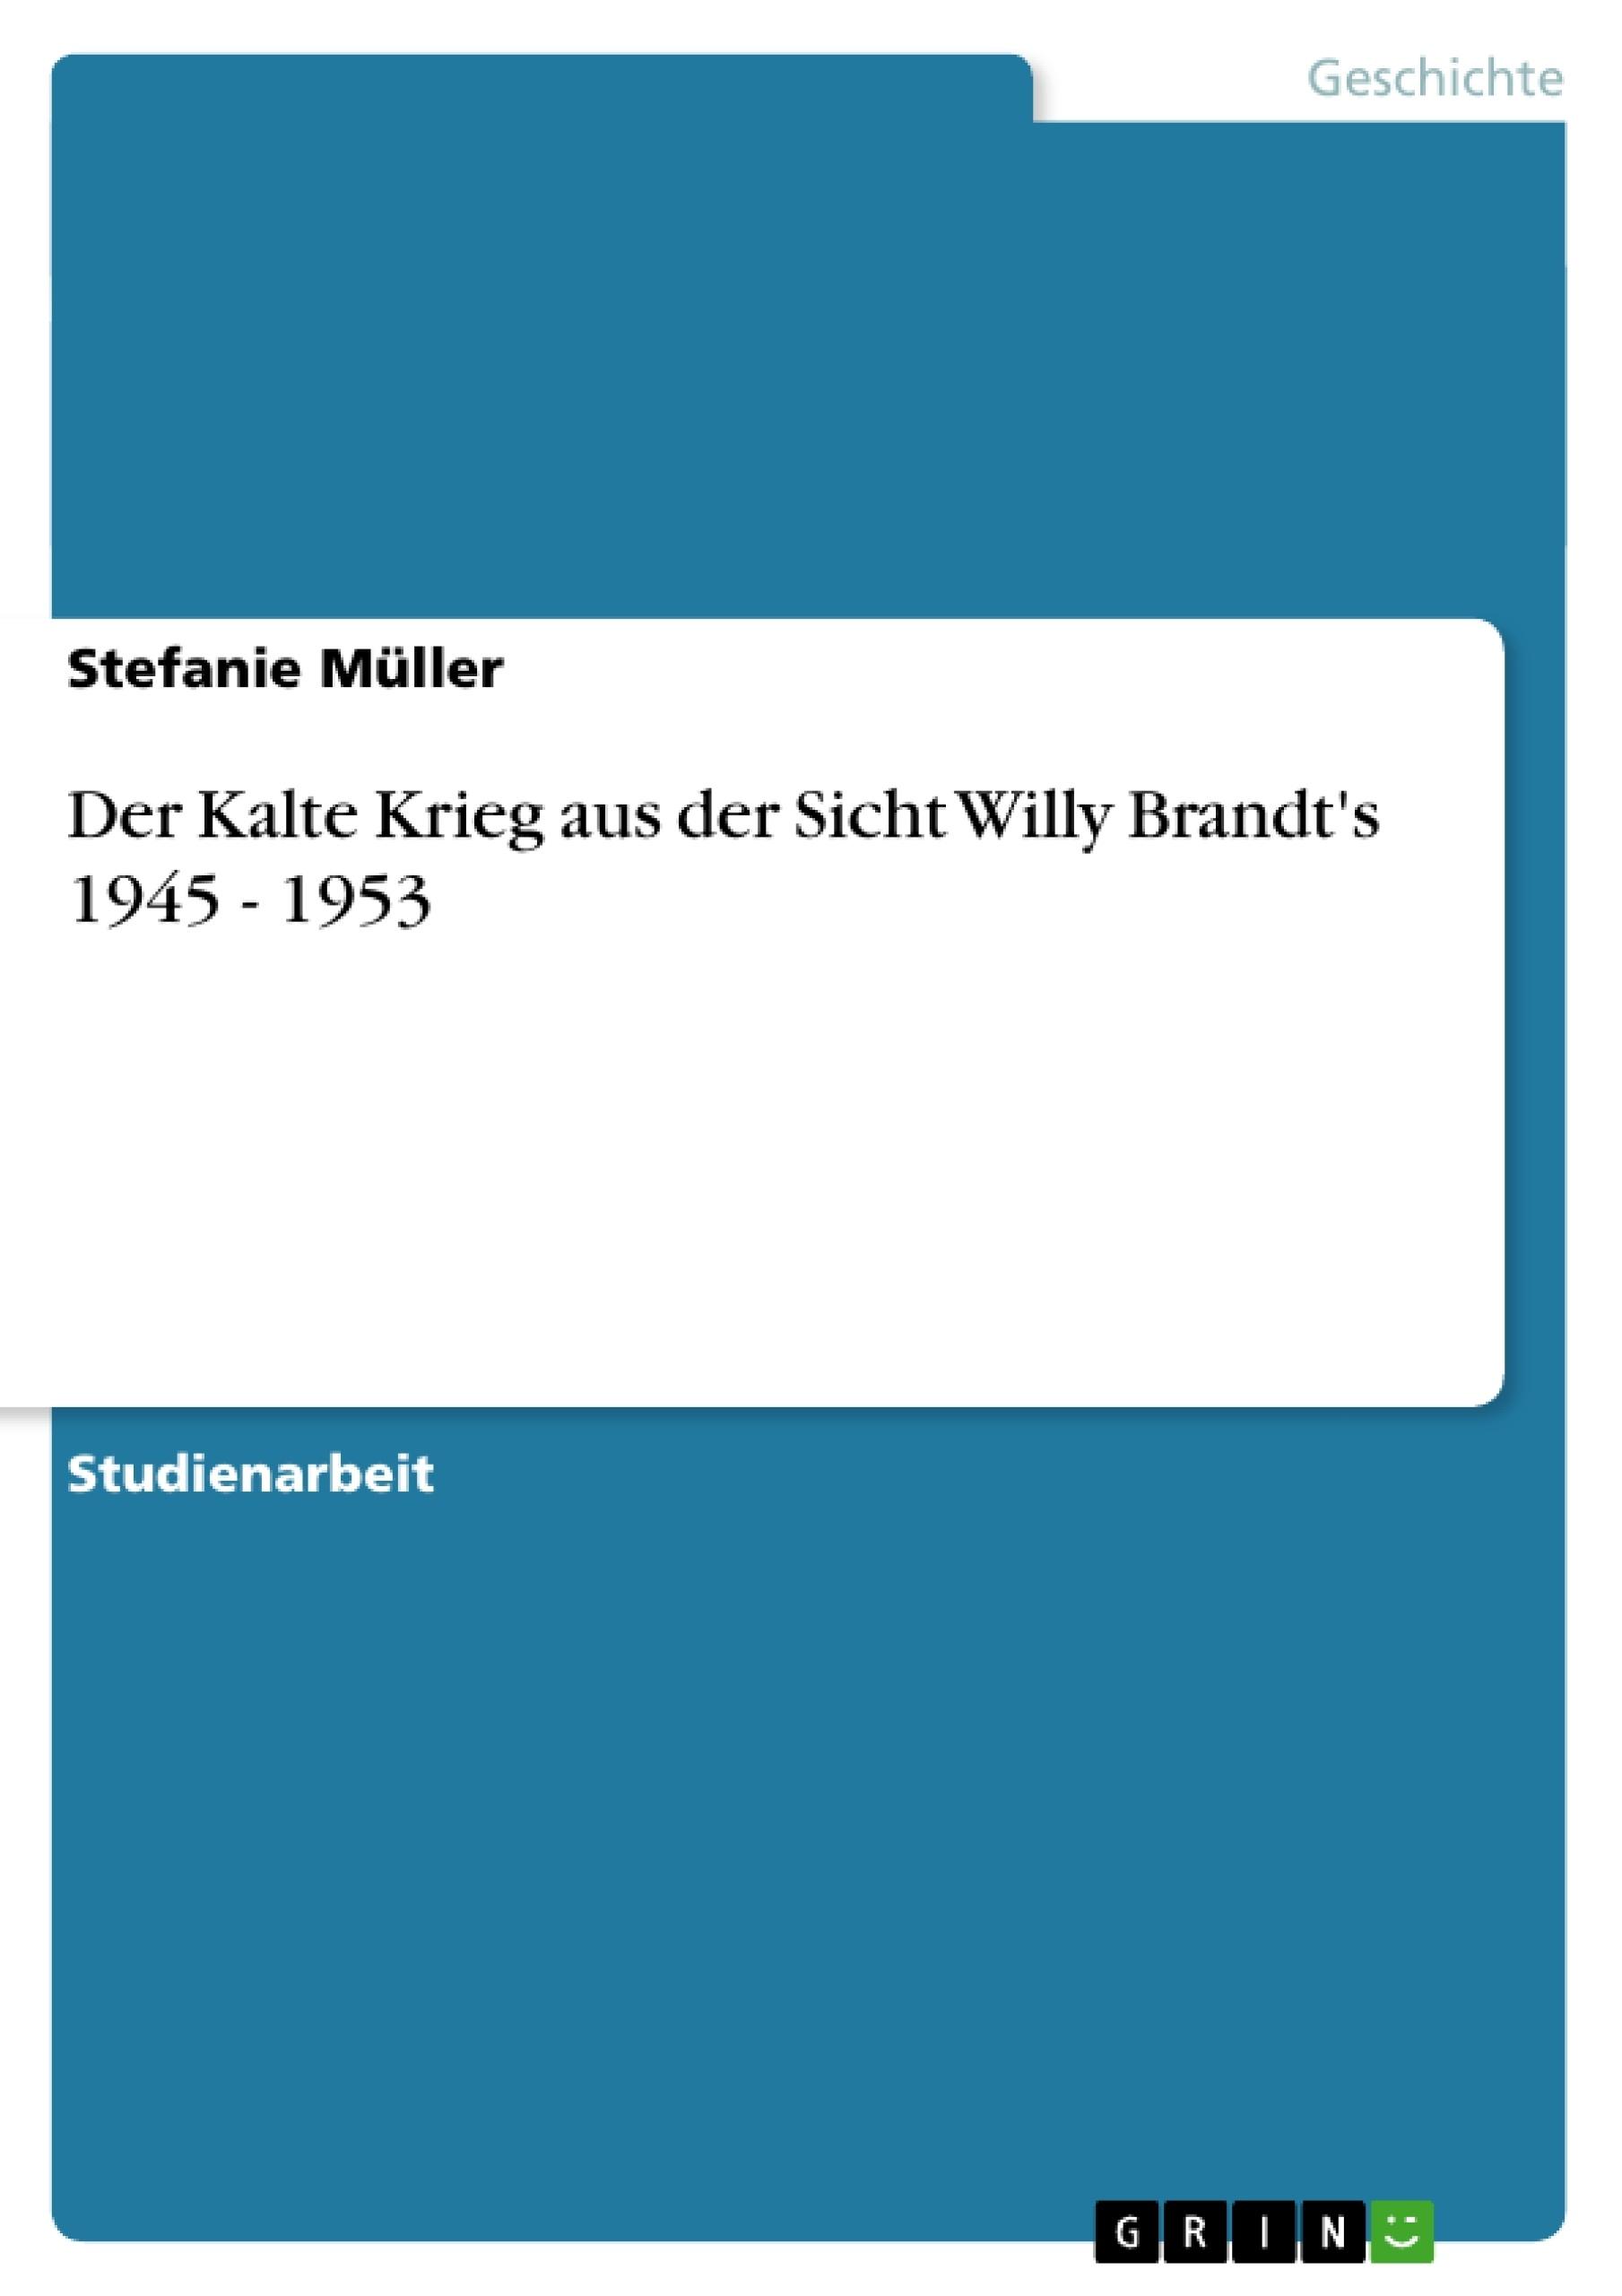 Titel: Der Kalte Krieg aus der Sicht Willy Brandt's 1945 - 1953